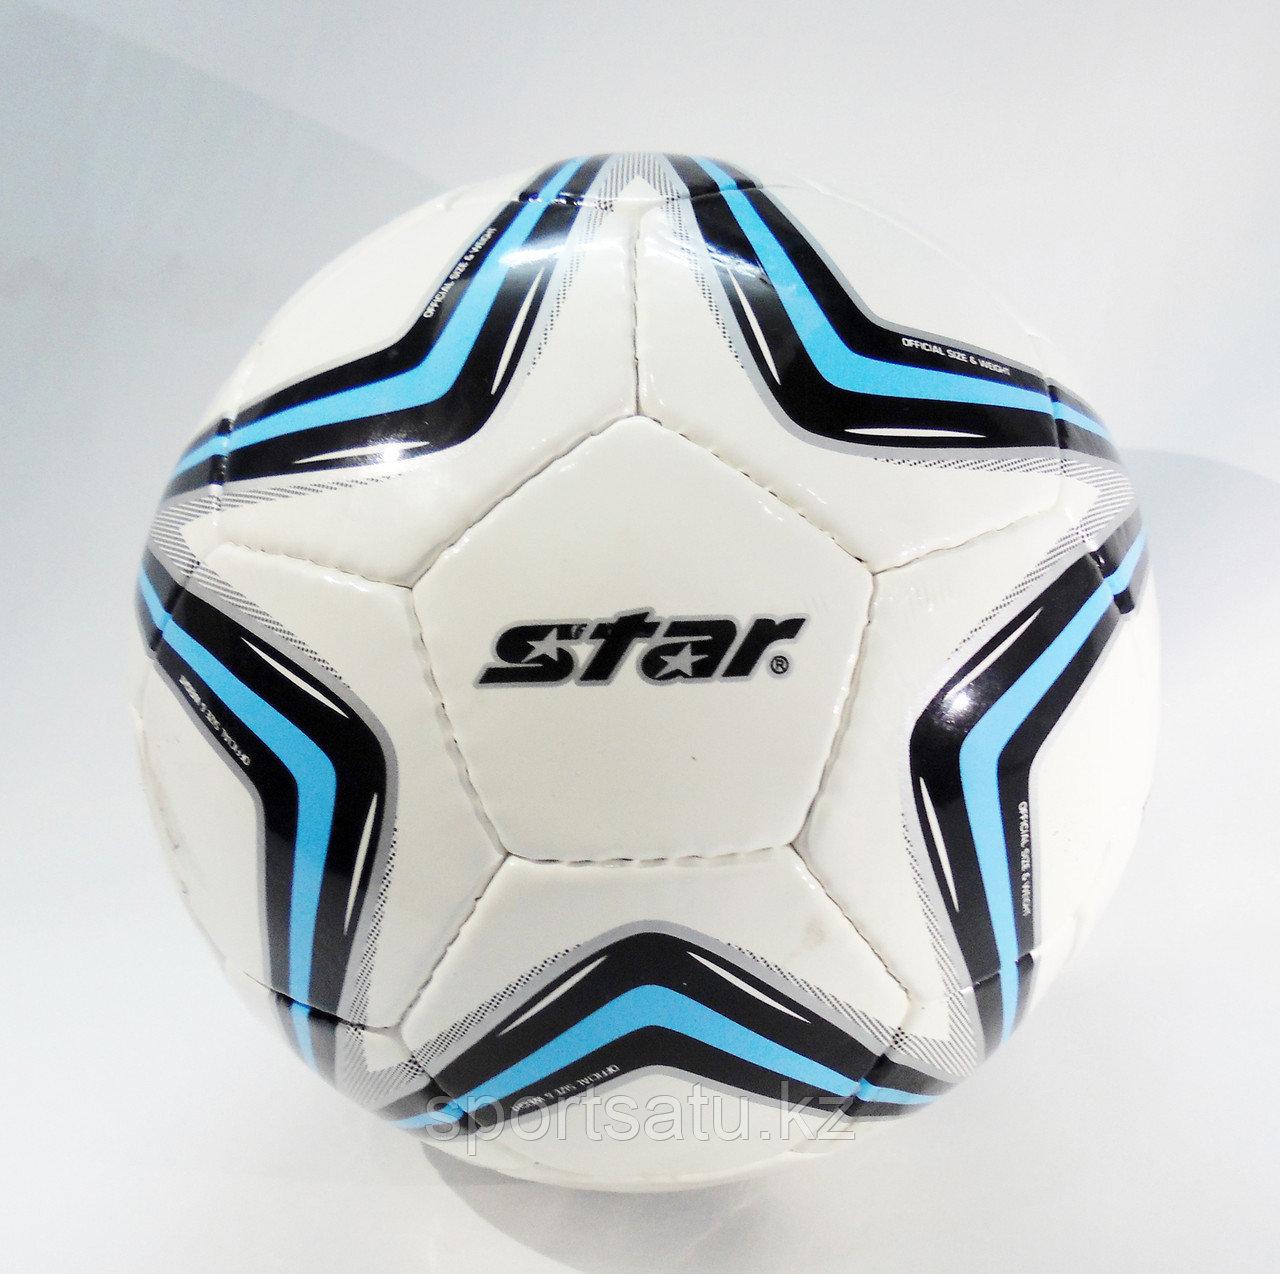 Футбольный мяч Star STRIKER